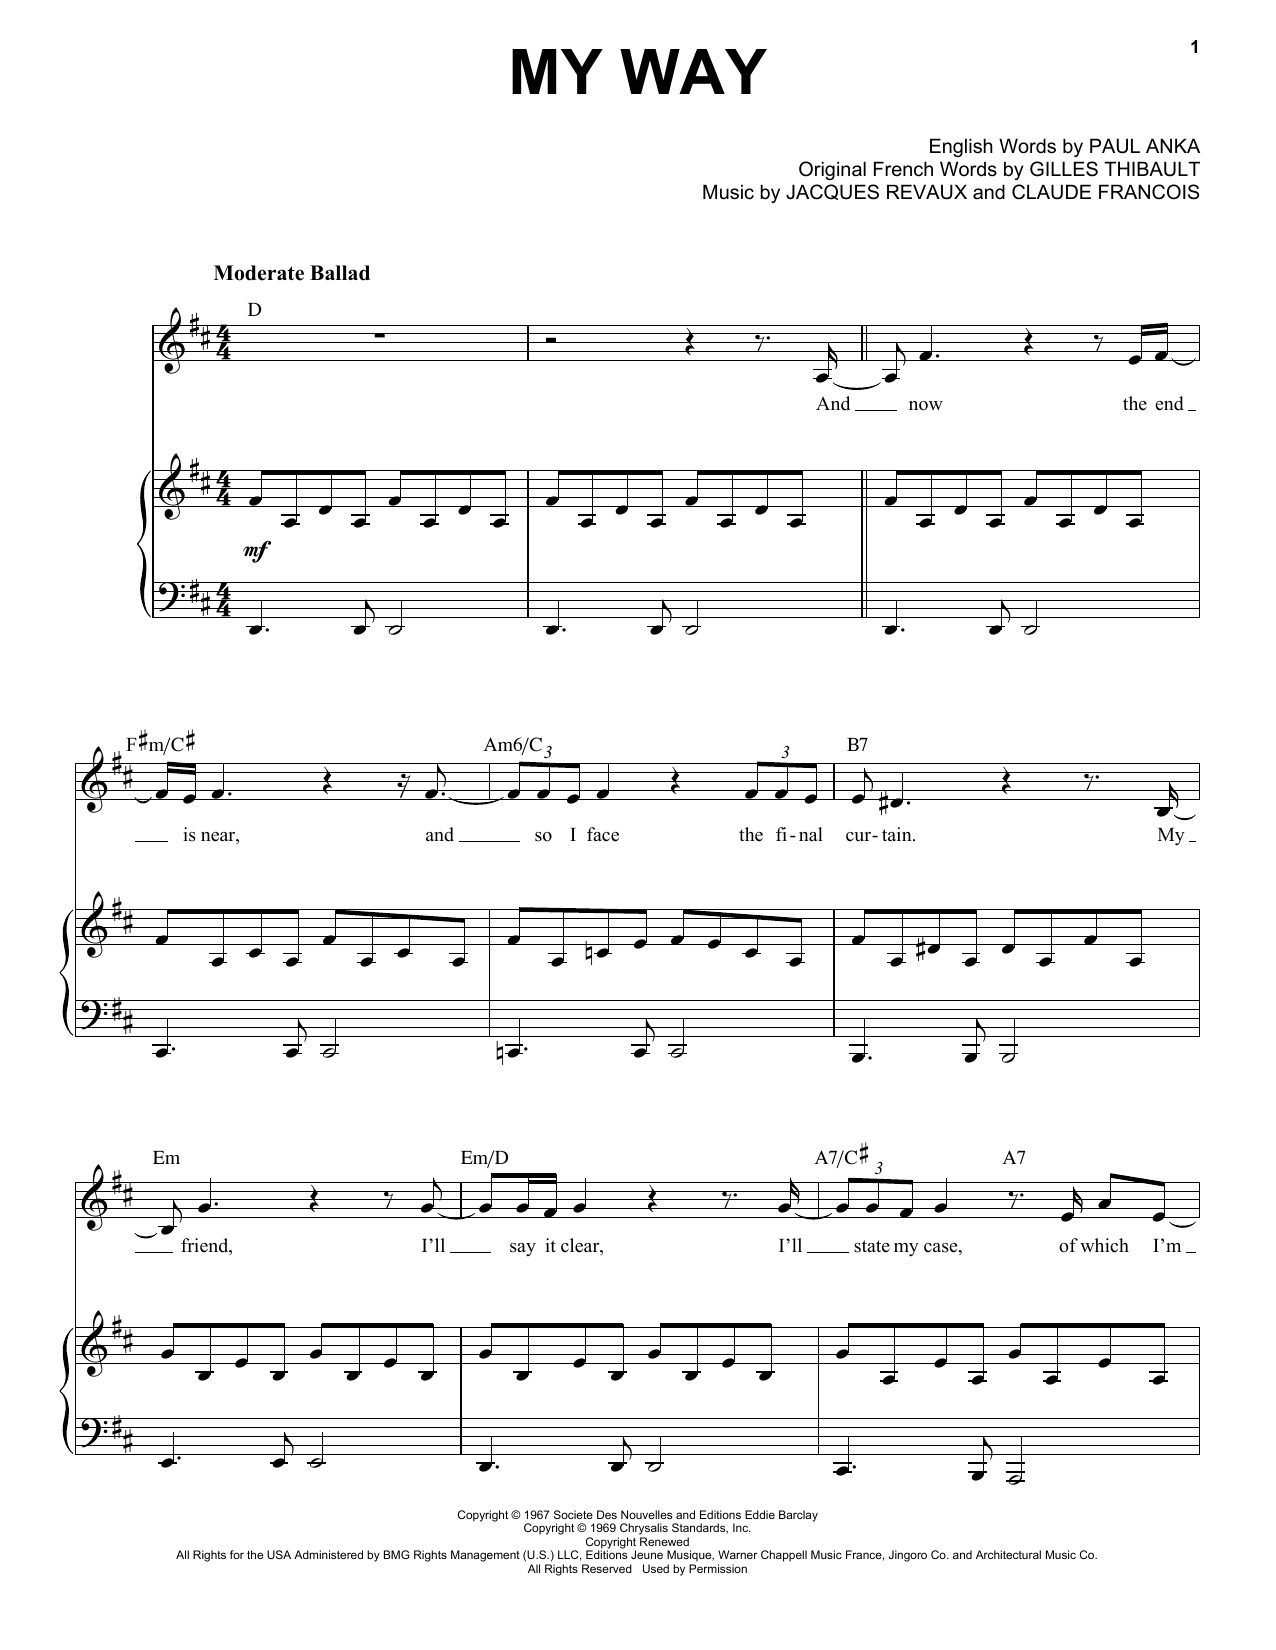 Landau Eugene Murphy, Jr. My Way sheet music notes and chords. Download Printable PDF.